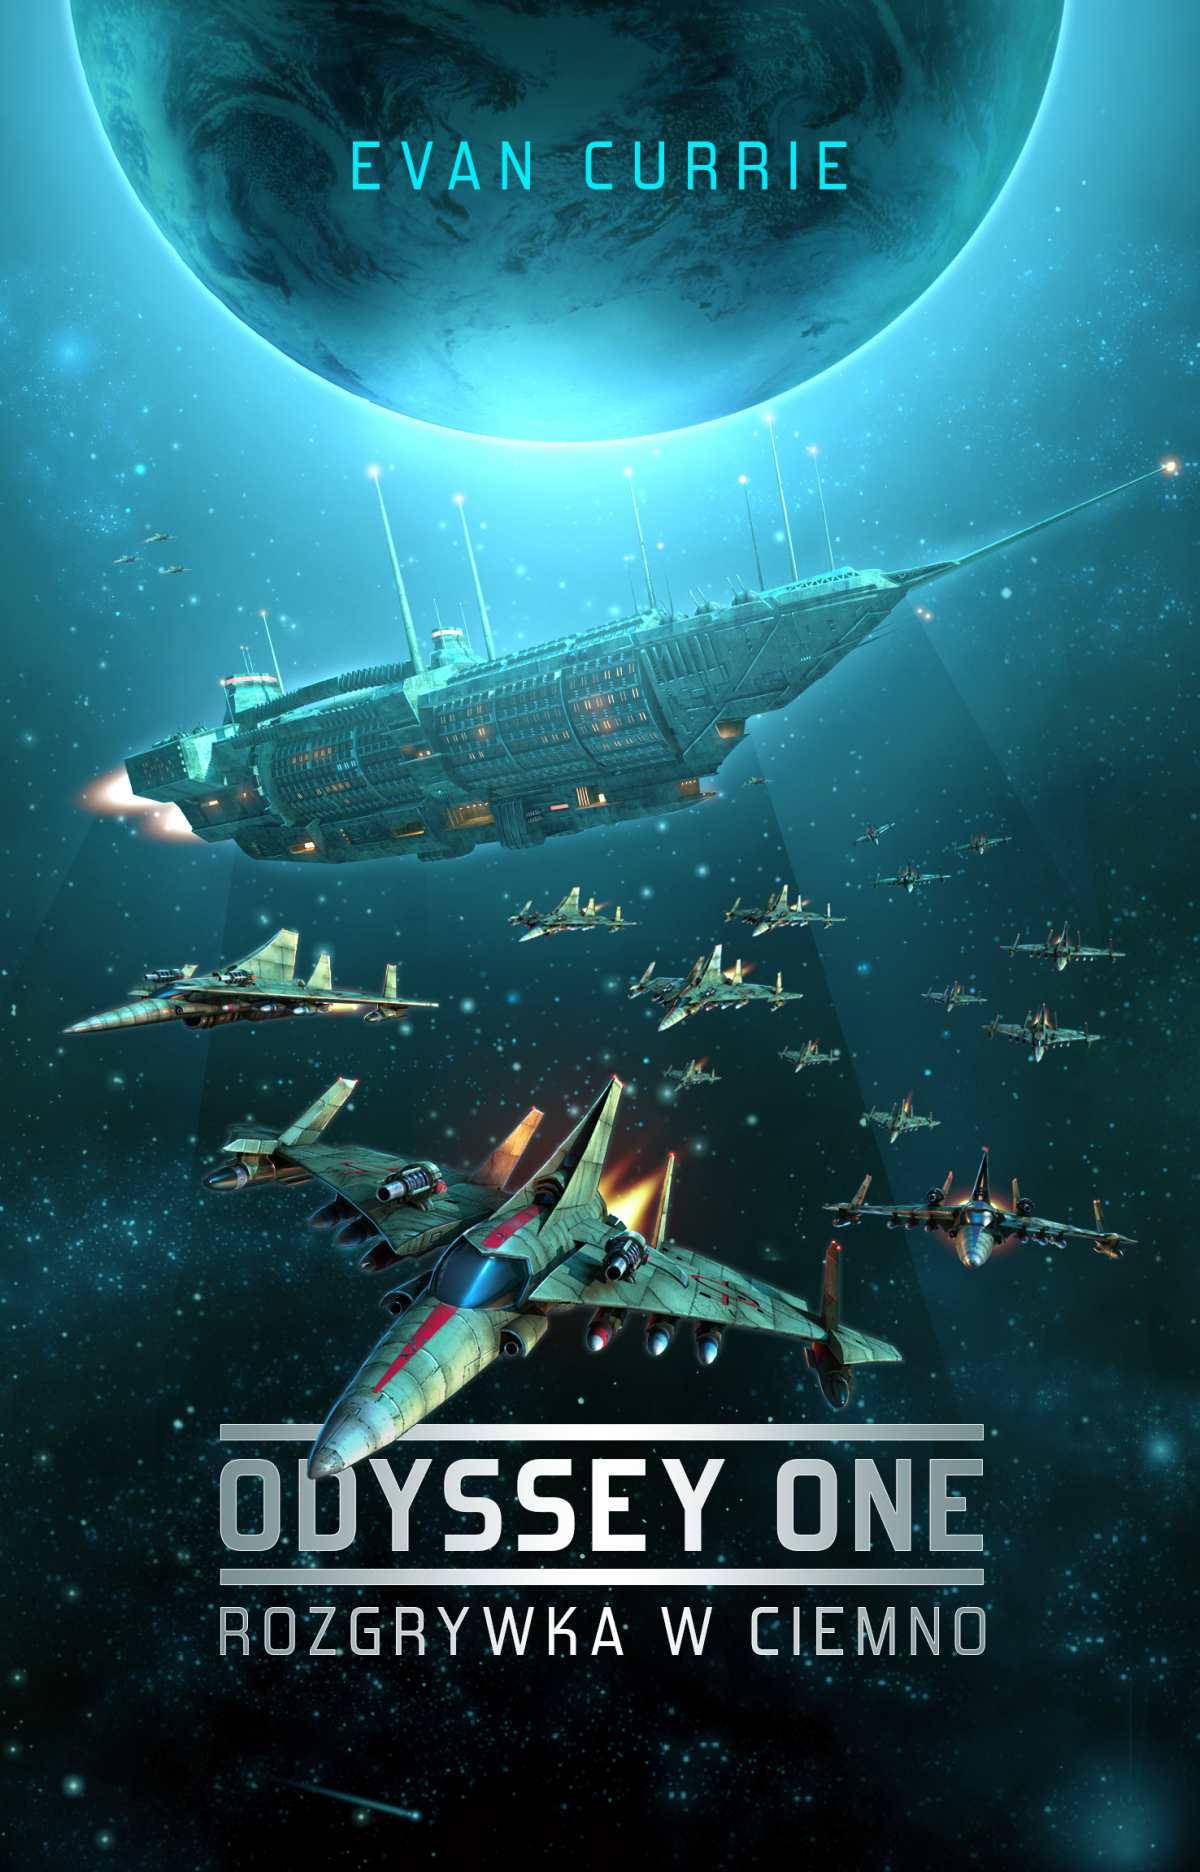 Odyssey One: Rozgrywka w ciemno - Ebook (Książka EPUB) do pobrania w formacie EPUB